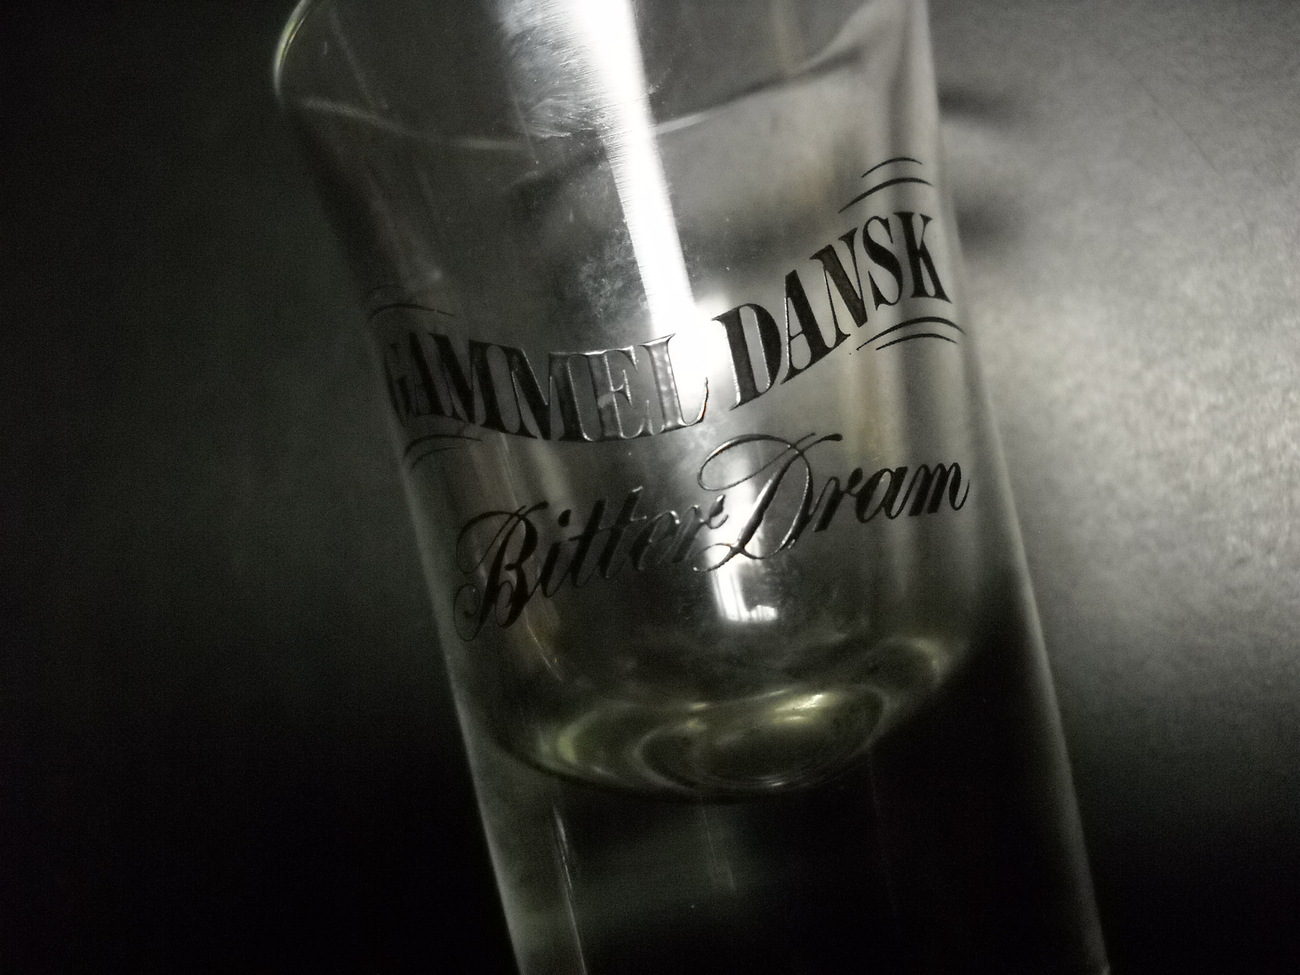 Gammel Dansk Bitter Dram Flared Shot Glass Black Print on Clear Glass - Shot Glasses